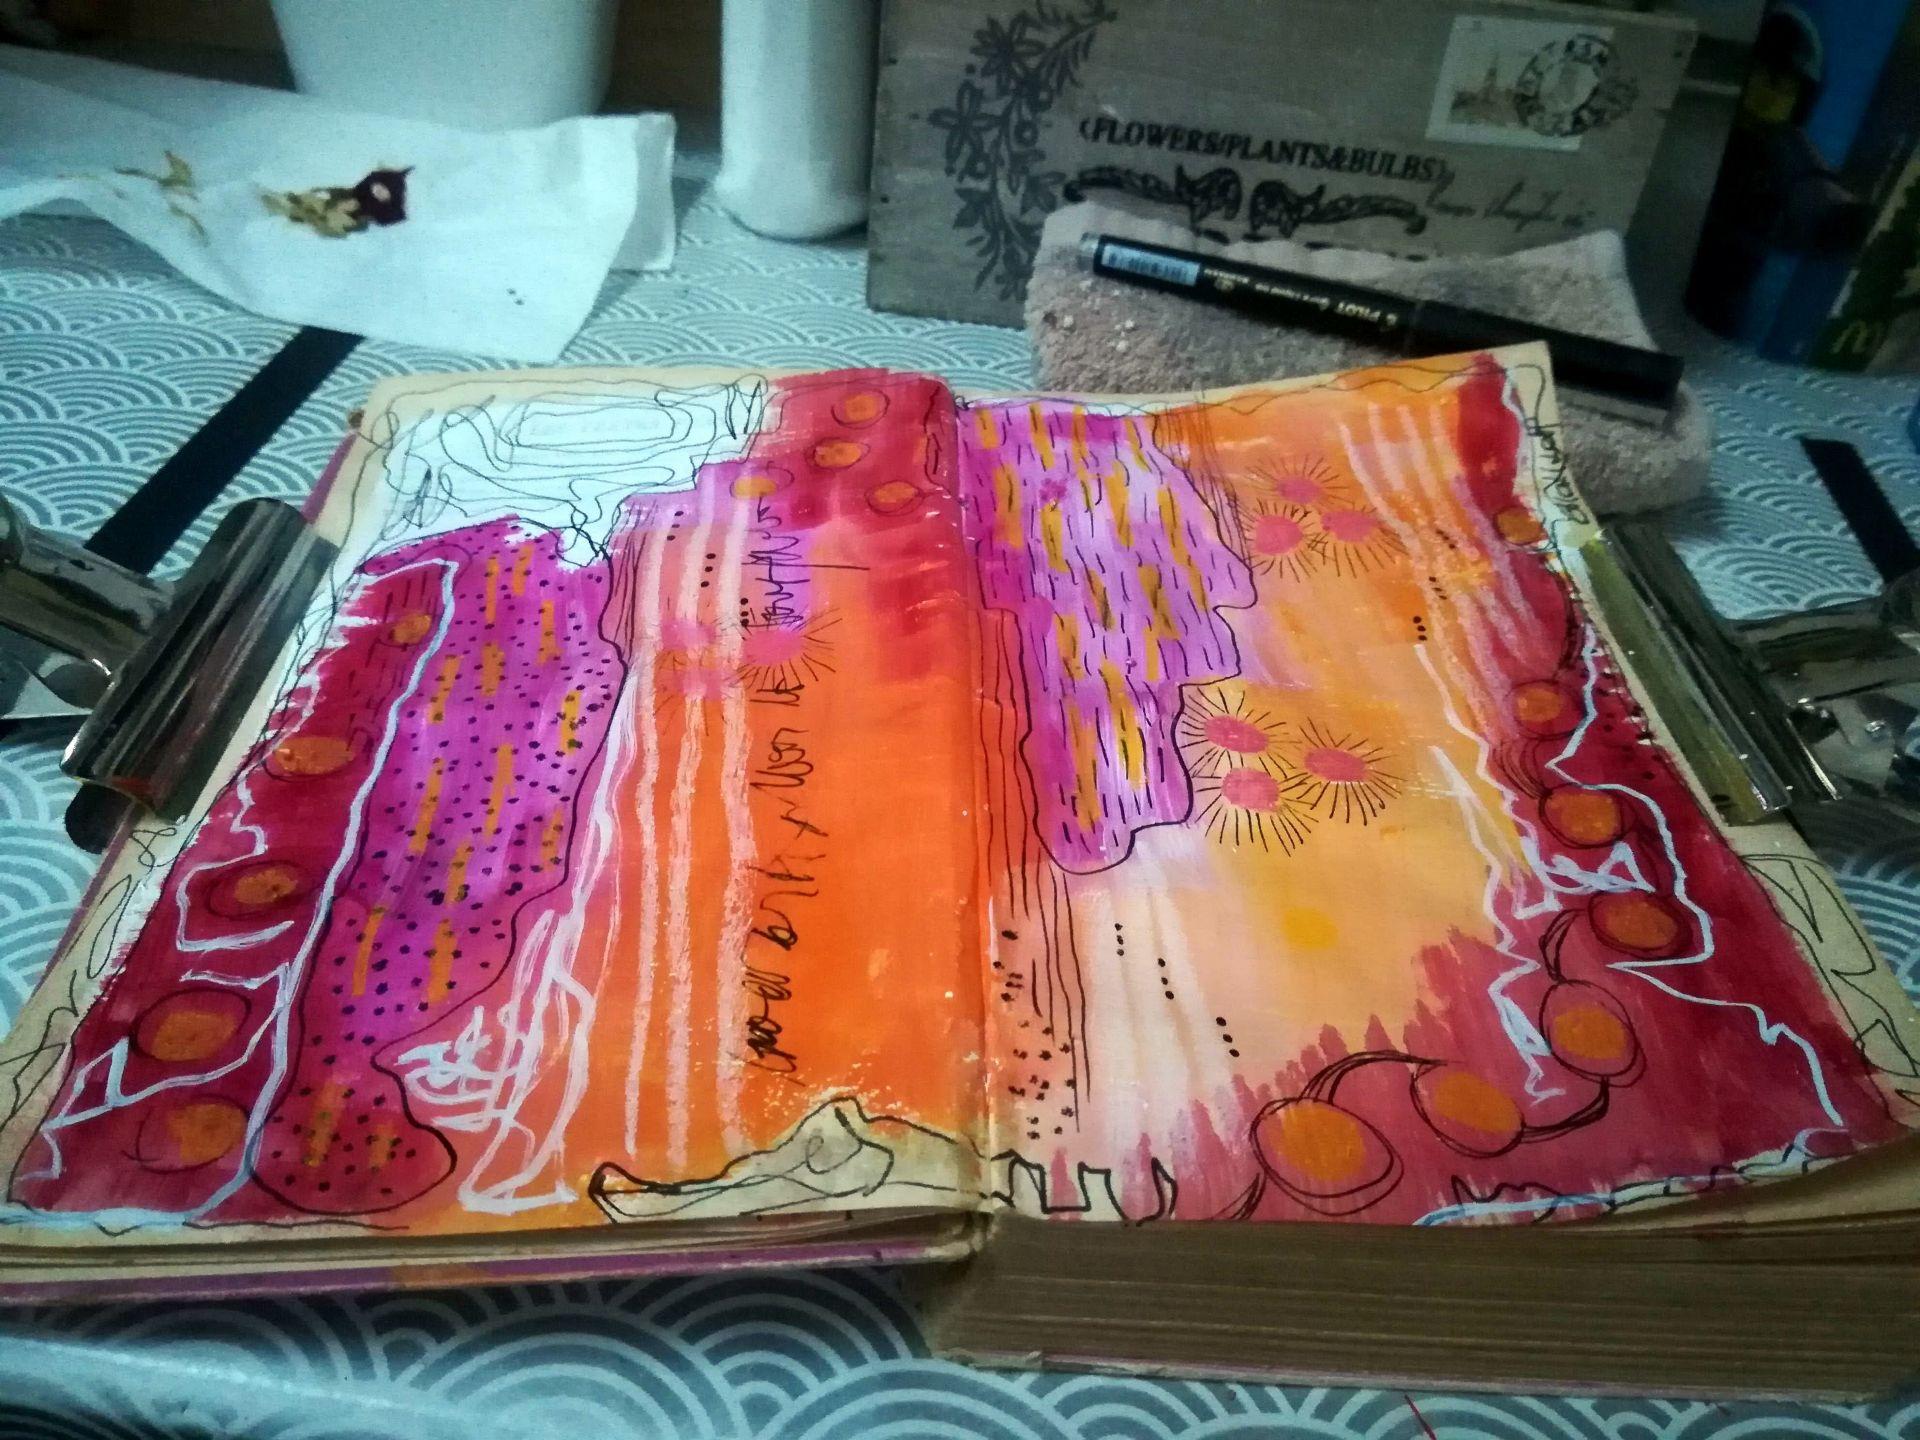 Livre artiste 08-02-18.6